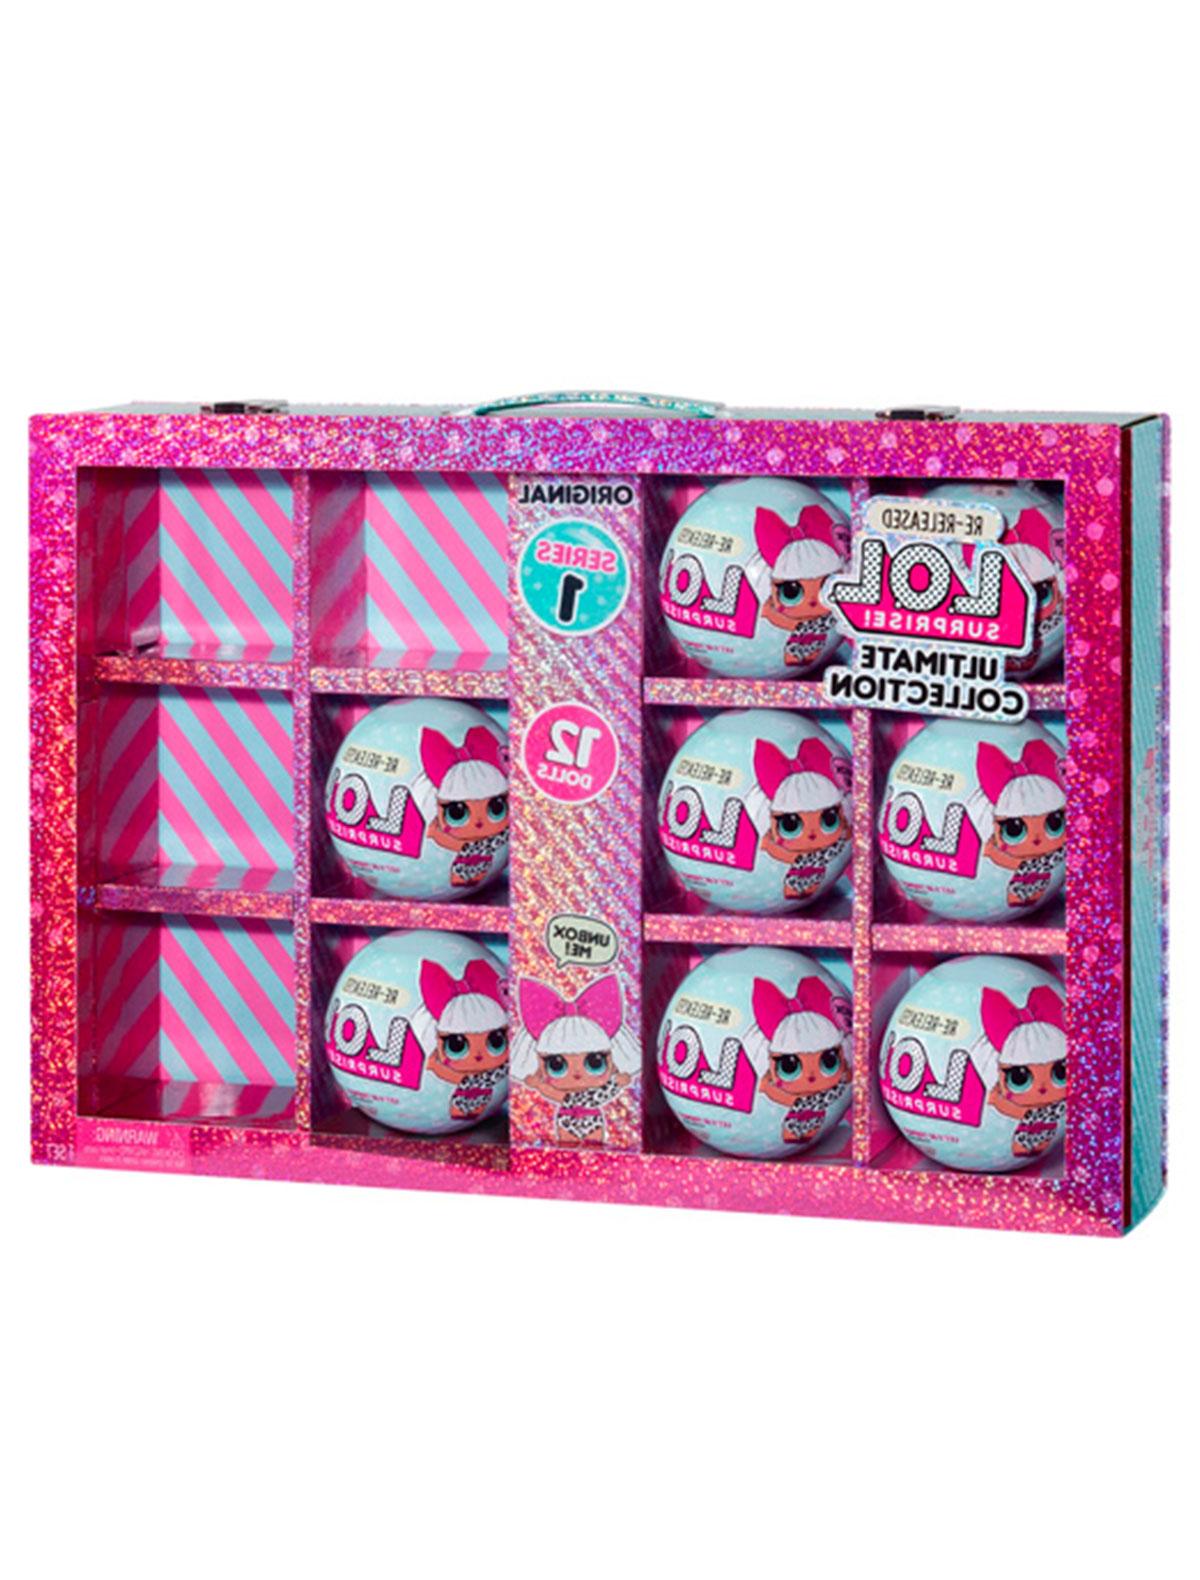 2298370, Игрушка LOL, розовый, 7134529170388  - купить со скидкой